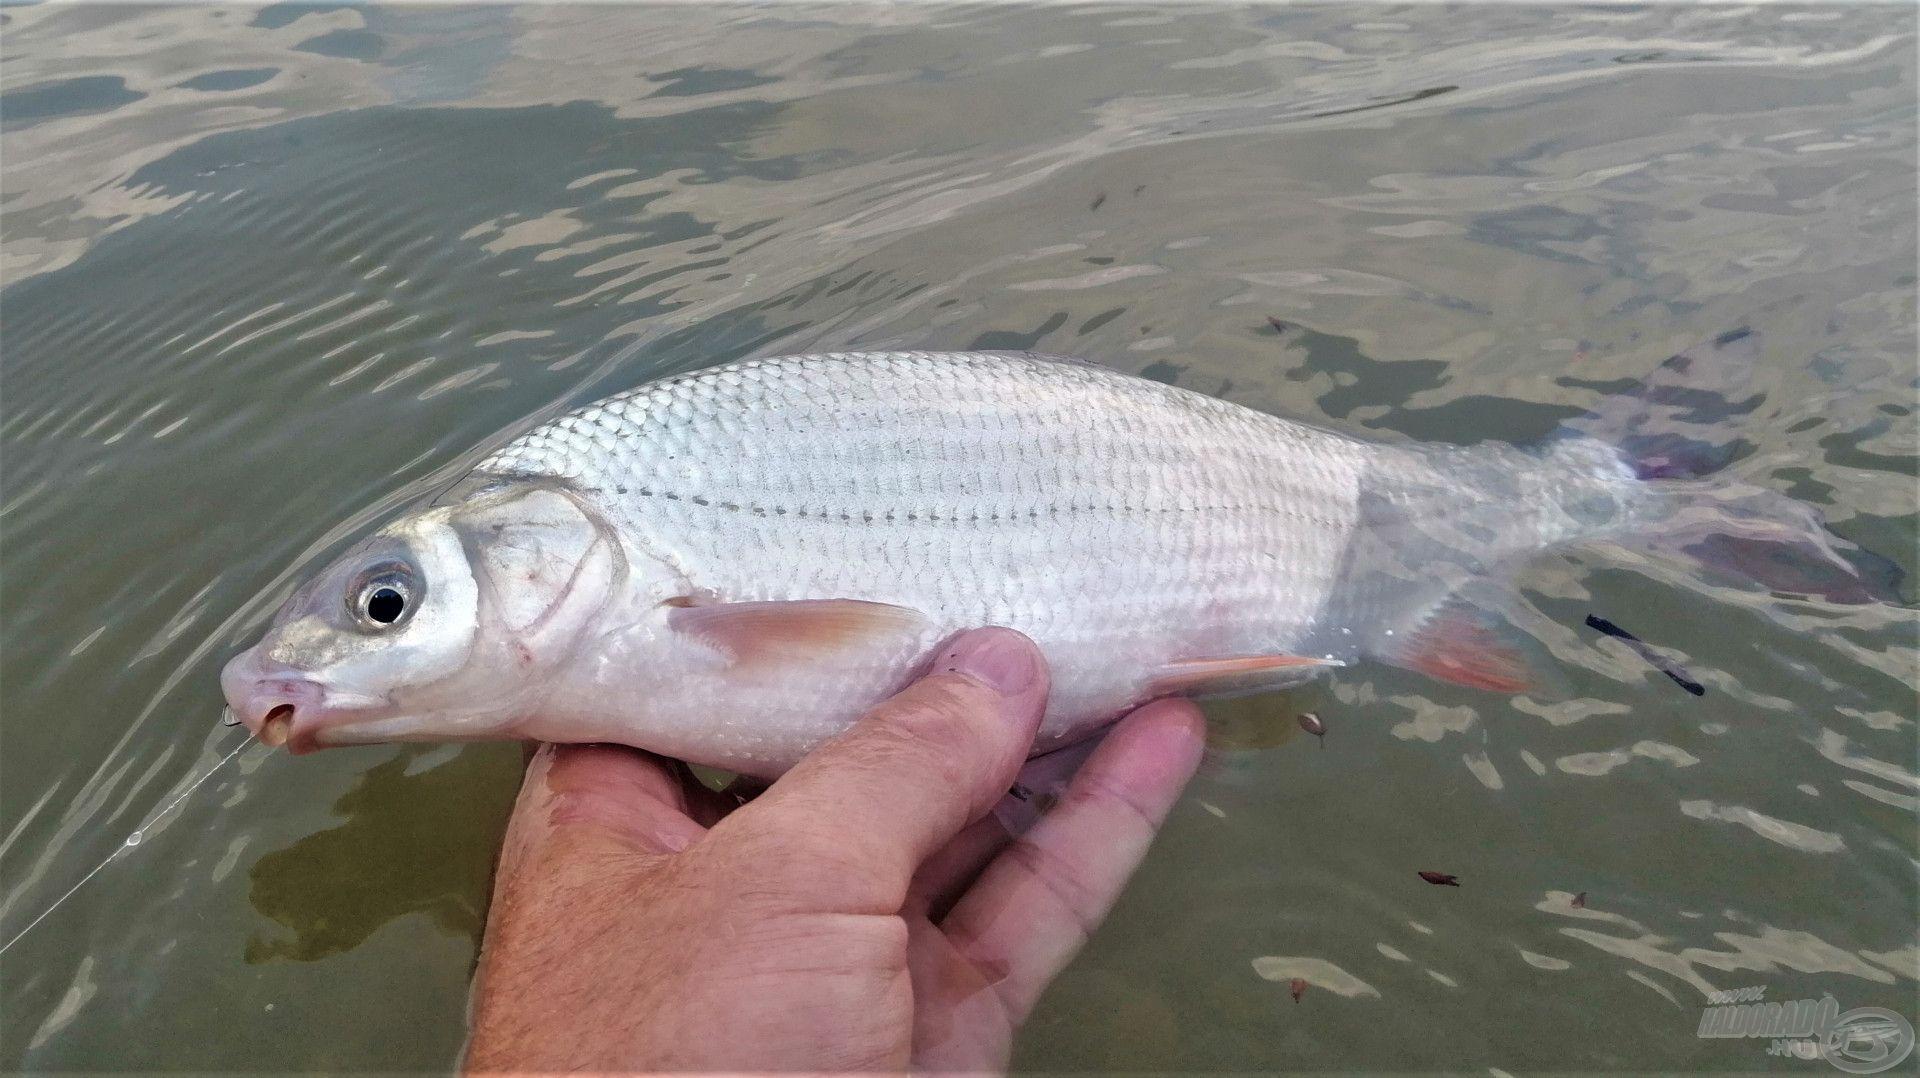 Szák hiányában – ha derékig a vízben állunk – kíméletesen csúsztassuk a kezünkbe a kifárasztott halat